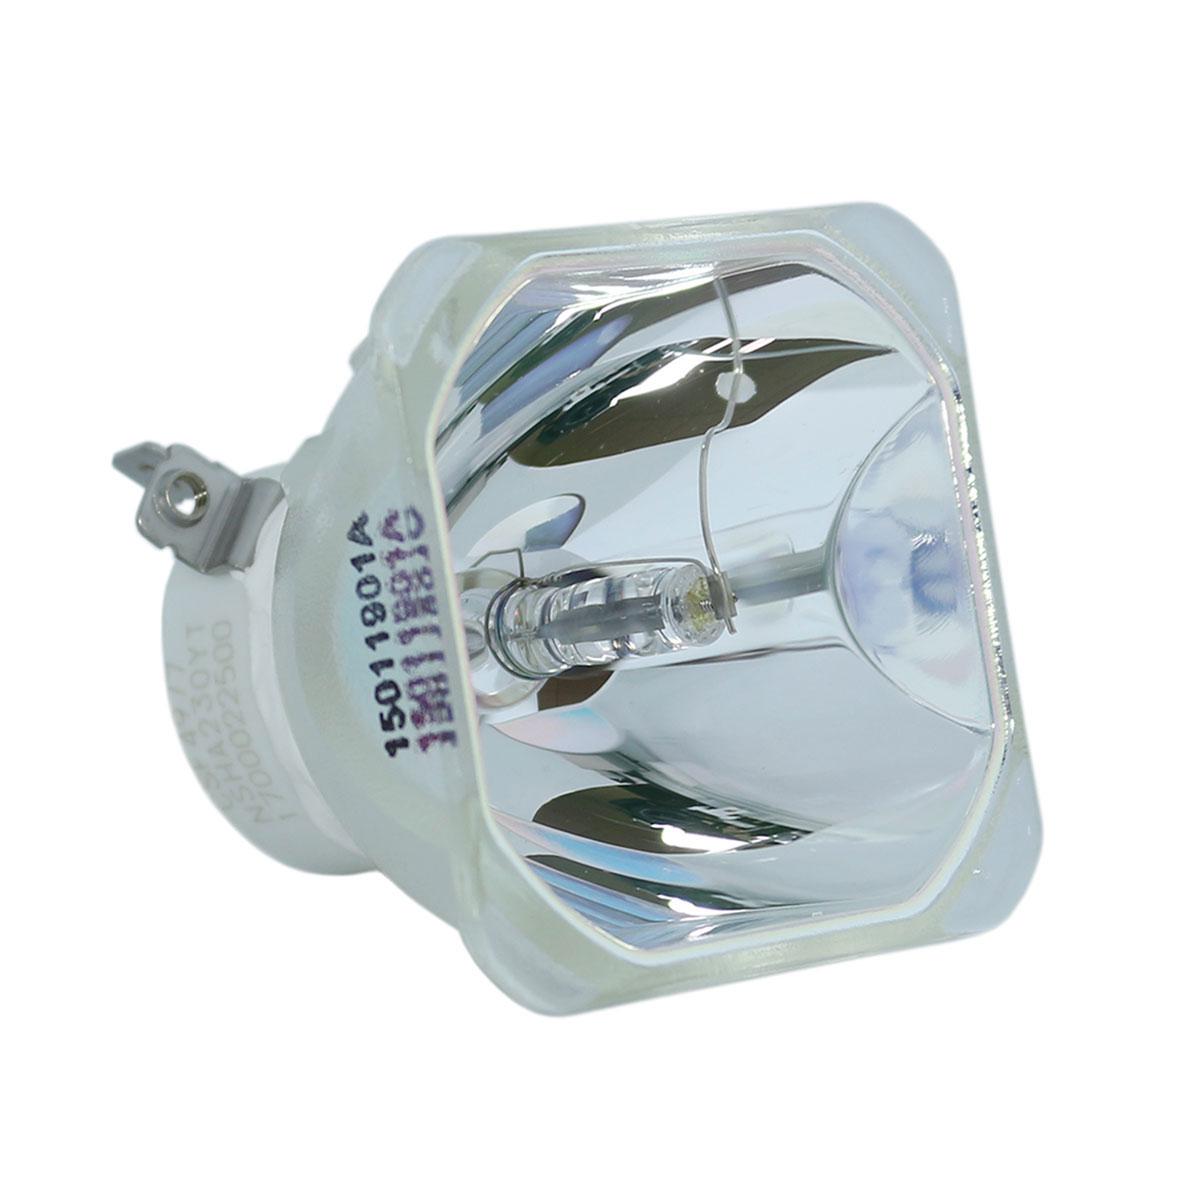 Compatible Bare Bulb NP33LP NP-33LP for NEC NP-UM352W NP-UM361X NP-UM361X-WK Projector Lamp Bulb without housing